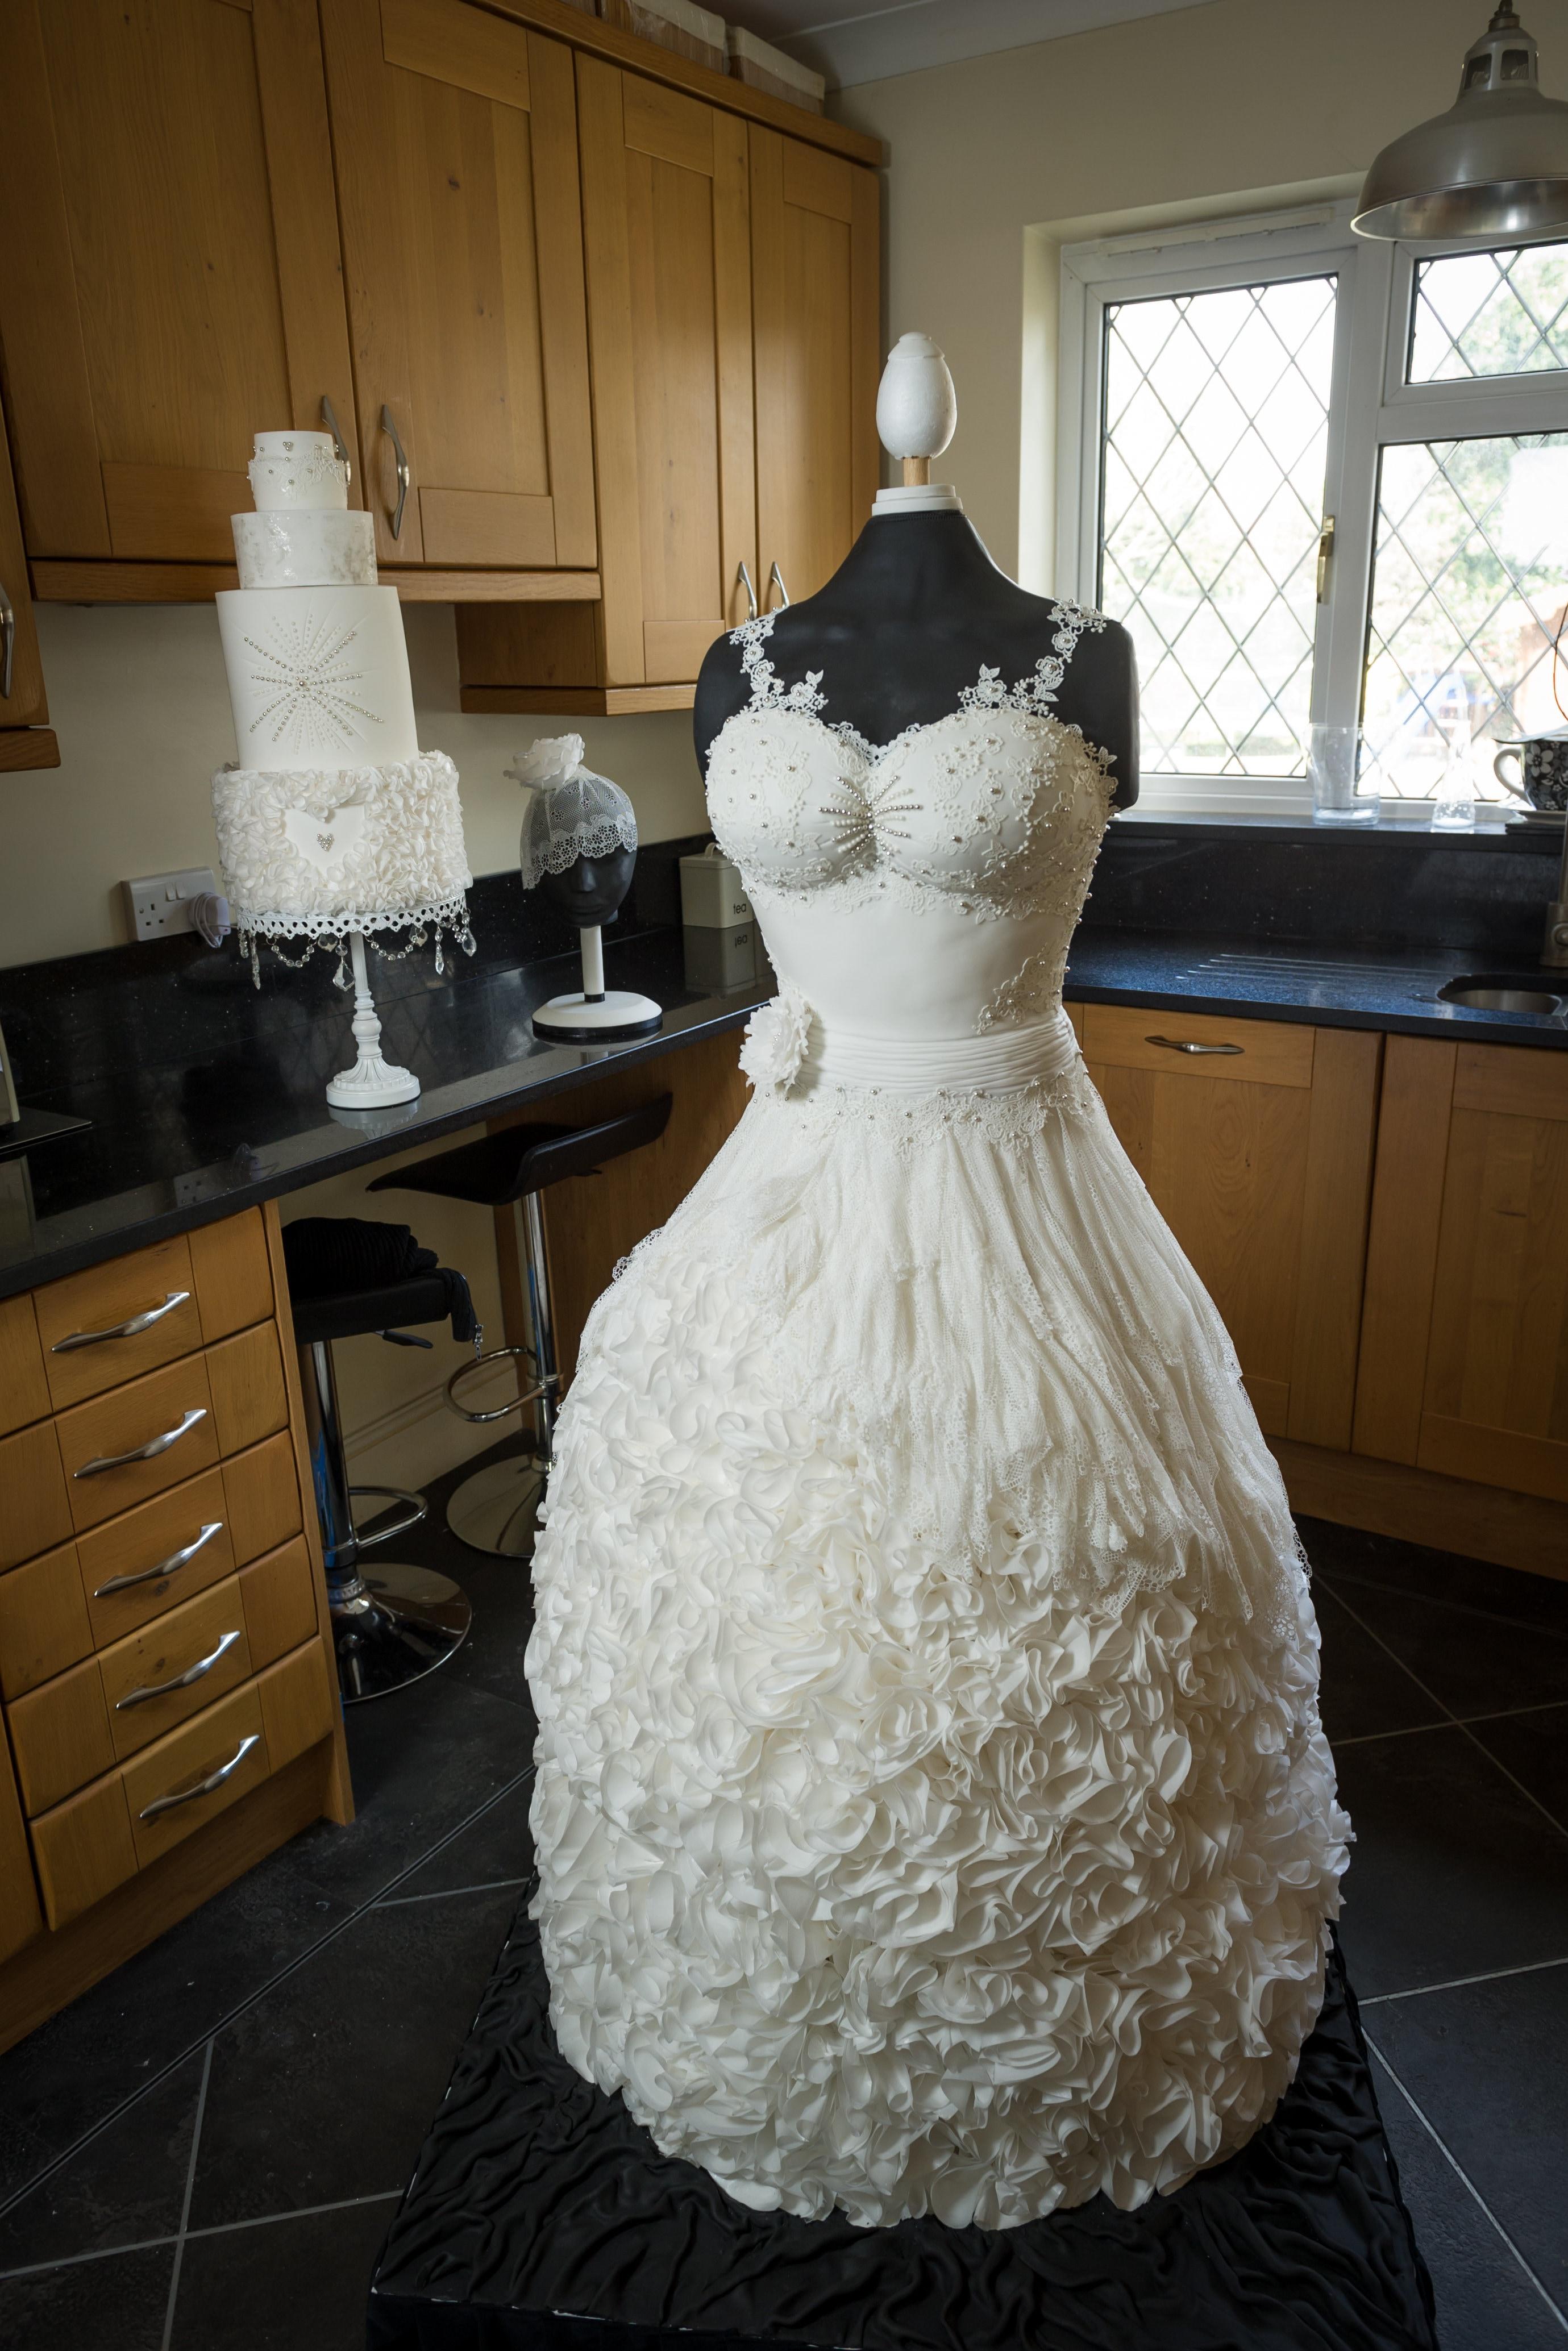 menyasszonyi torta képek Ilyet még nem láttál! Menyasszonyi ruha formájú esküvői torta  menyasszonyi torta képek